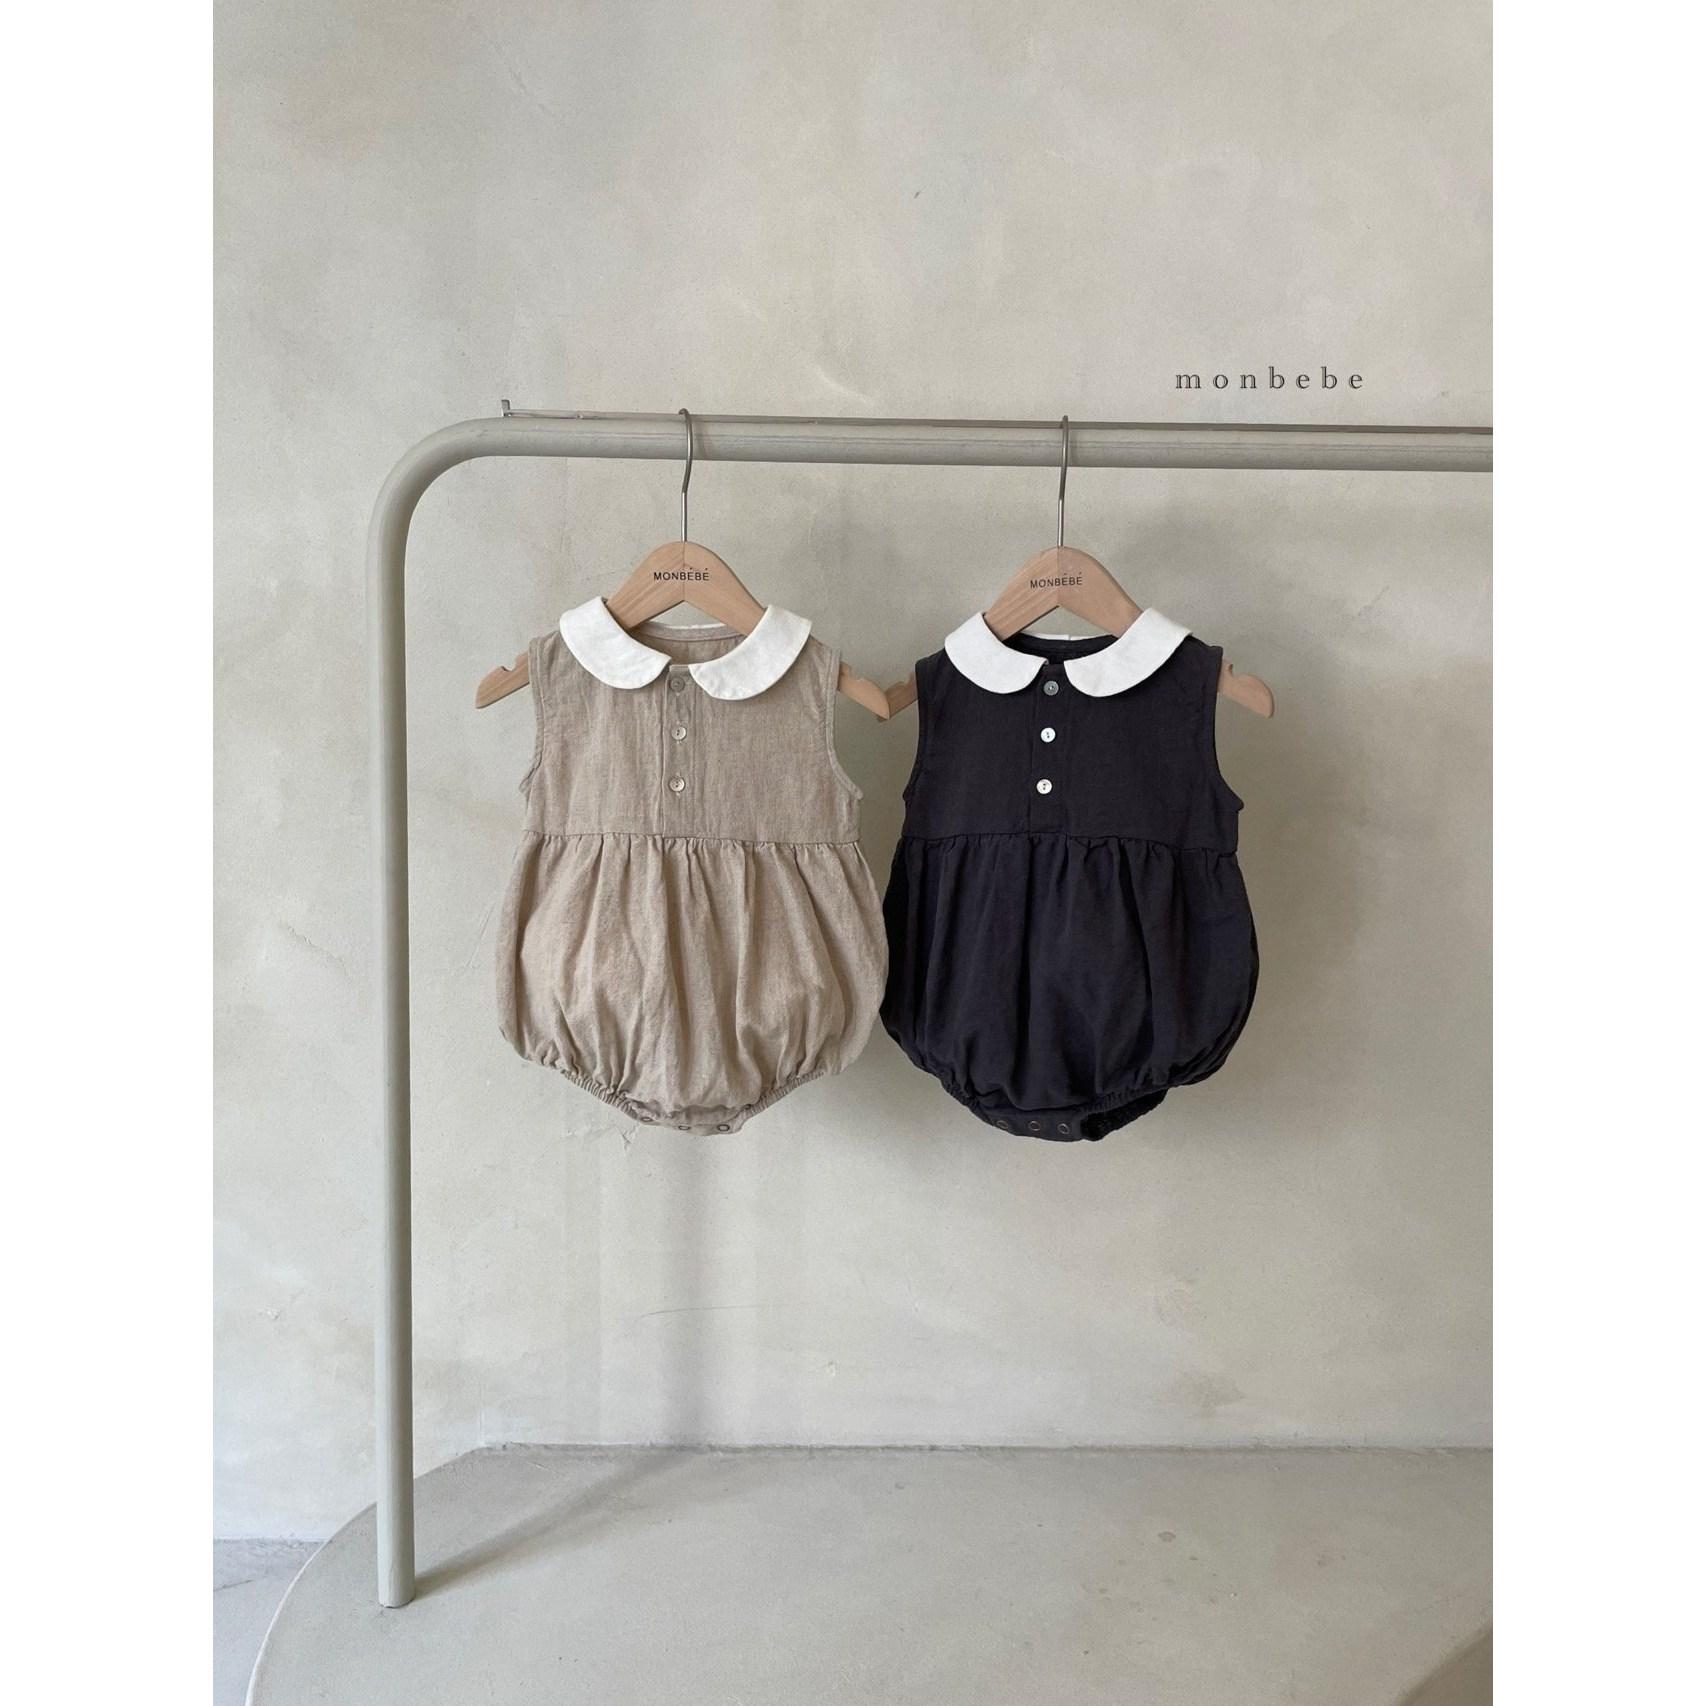 카라봉봉 슈트 몽베베 여름 유아 아기옷